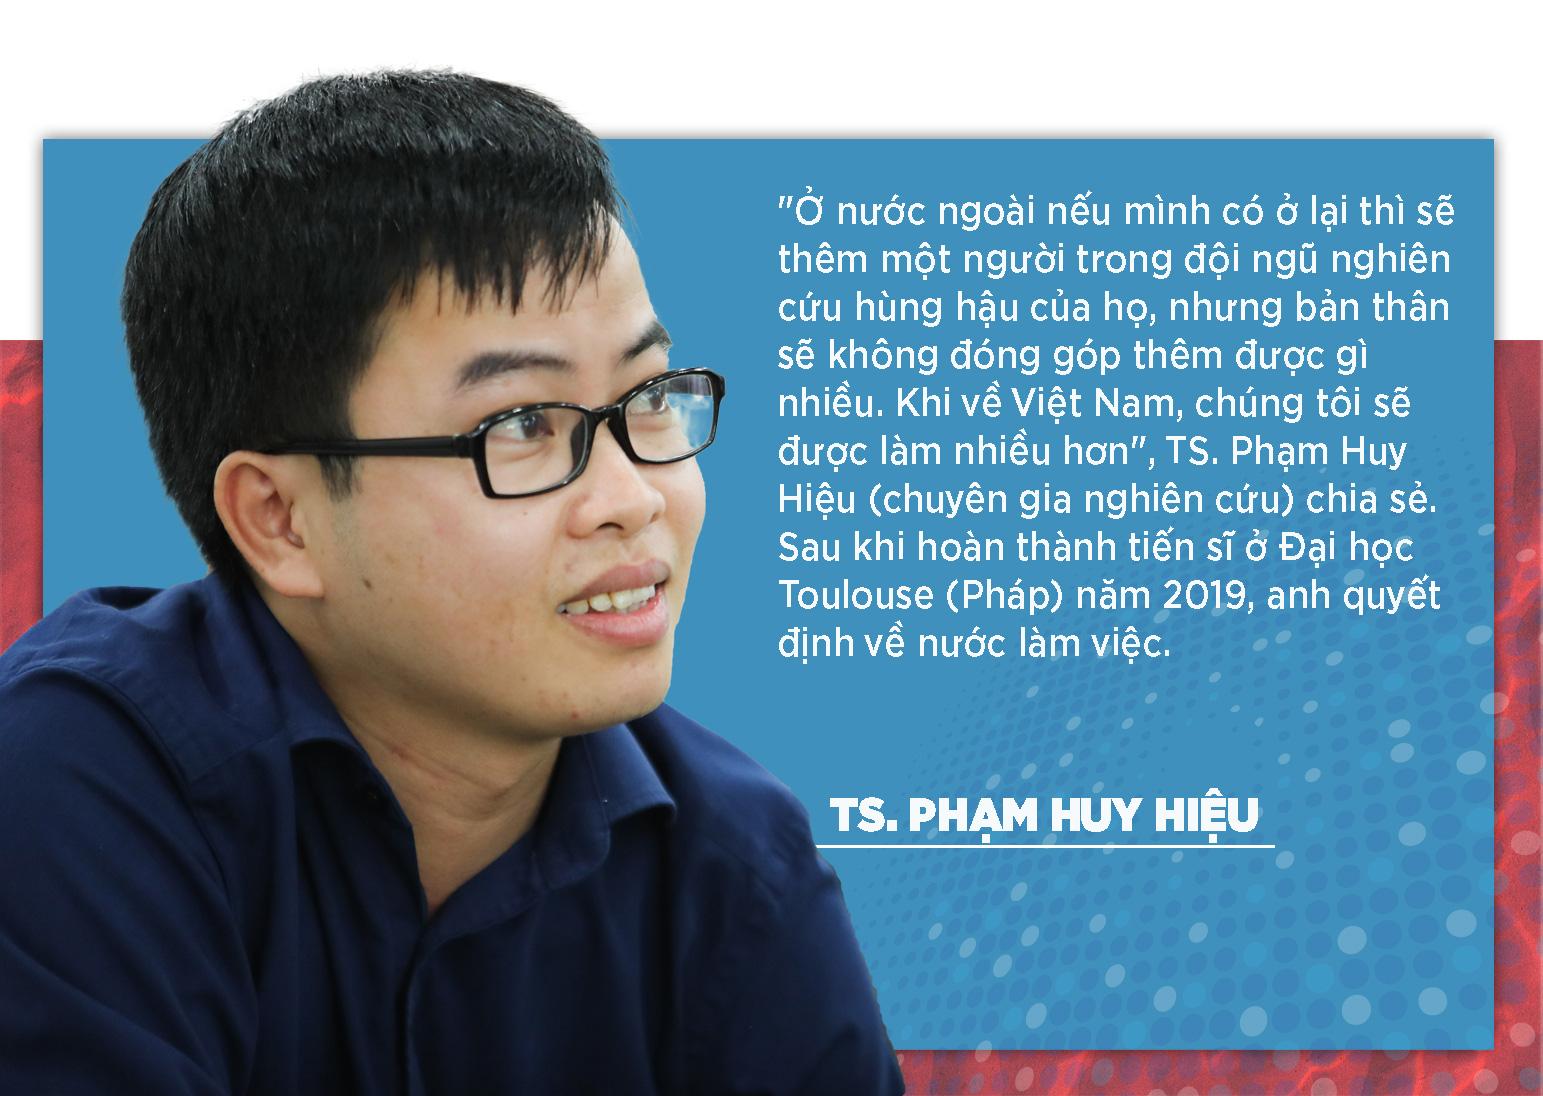 Bước tiến mới đưa trí tuệ nhân tạo vào chẩn đoán hình ảnh y tế tại Việt Nam - Ảnh 2.